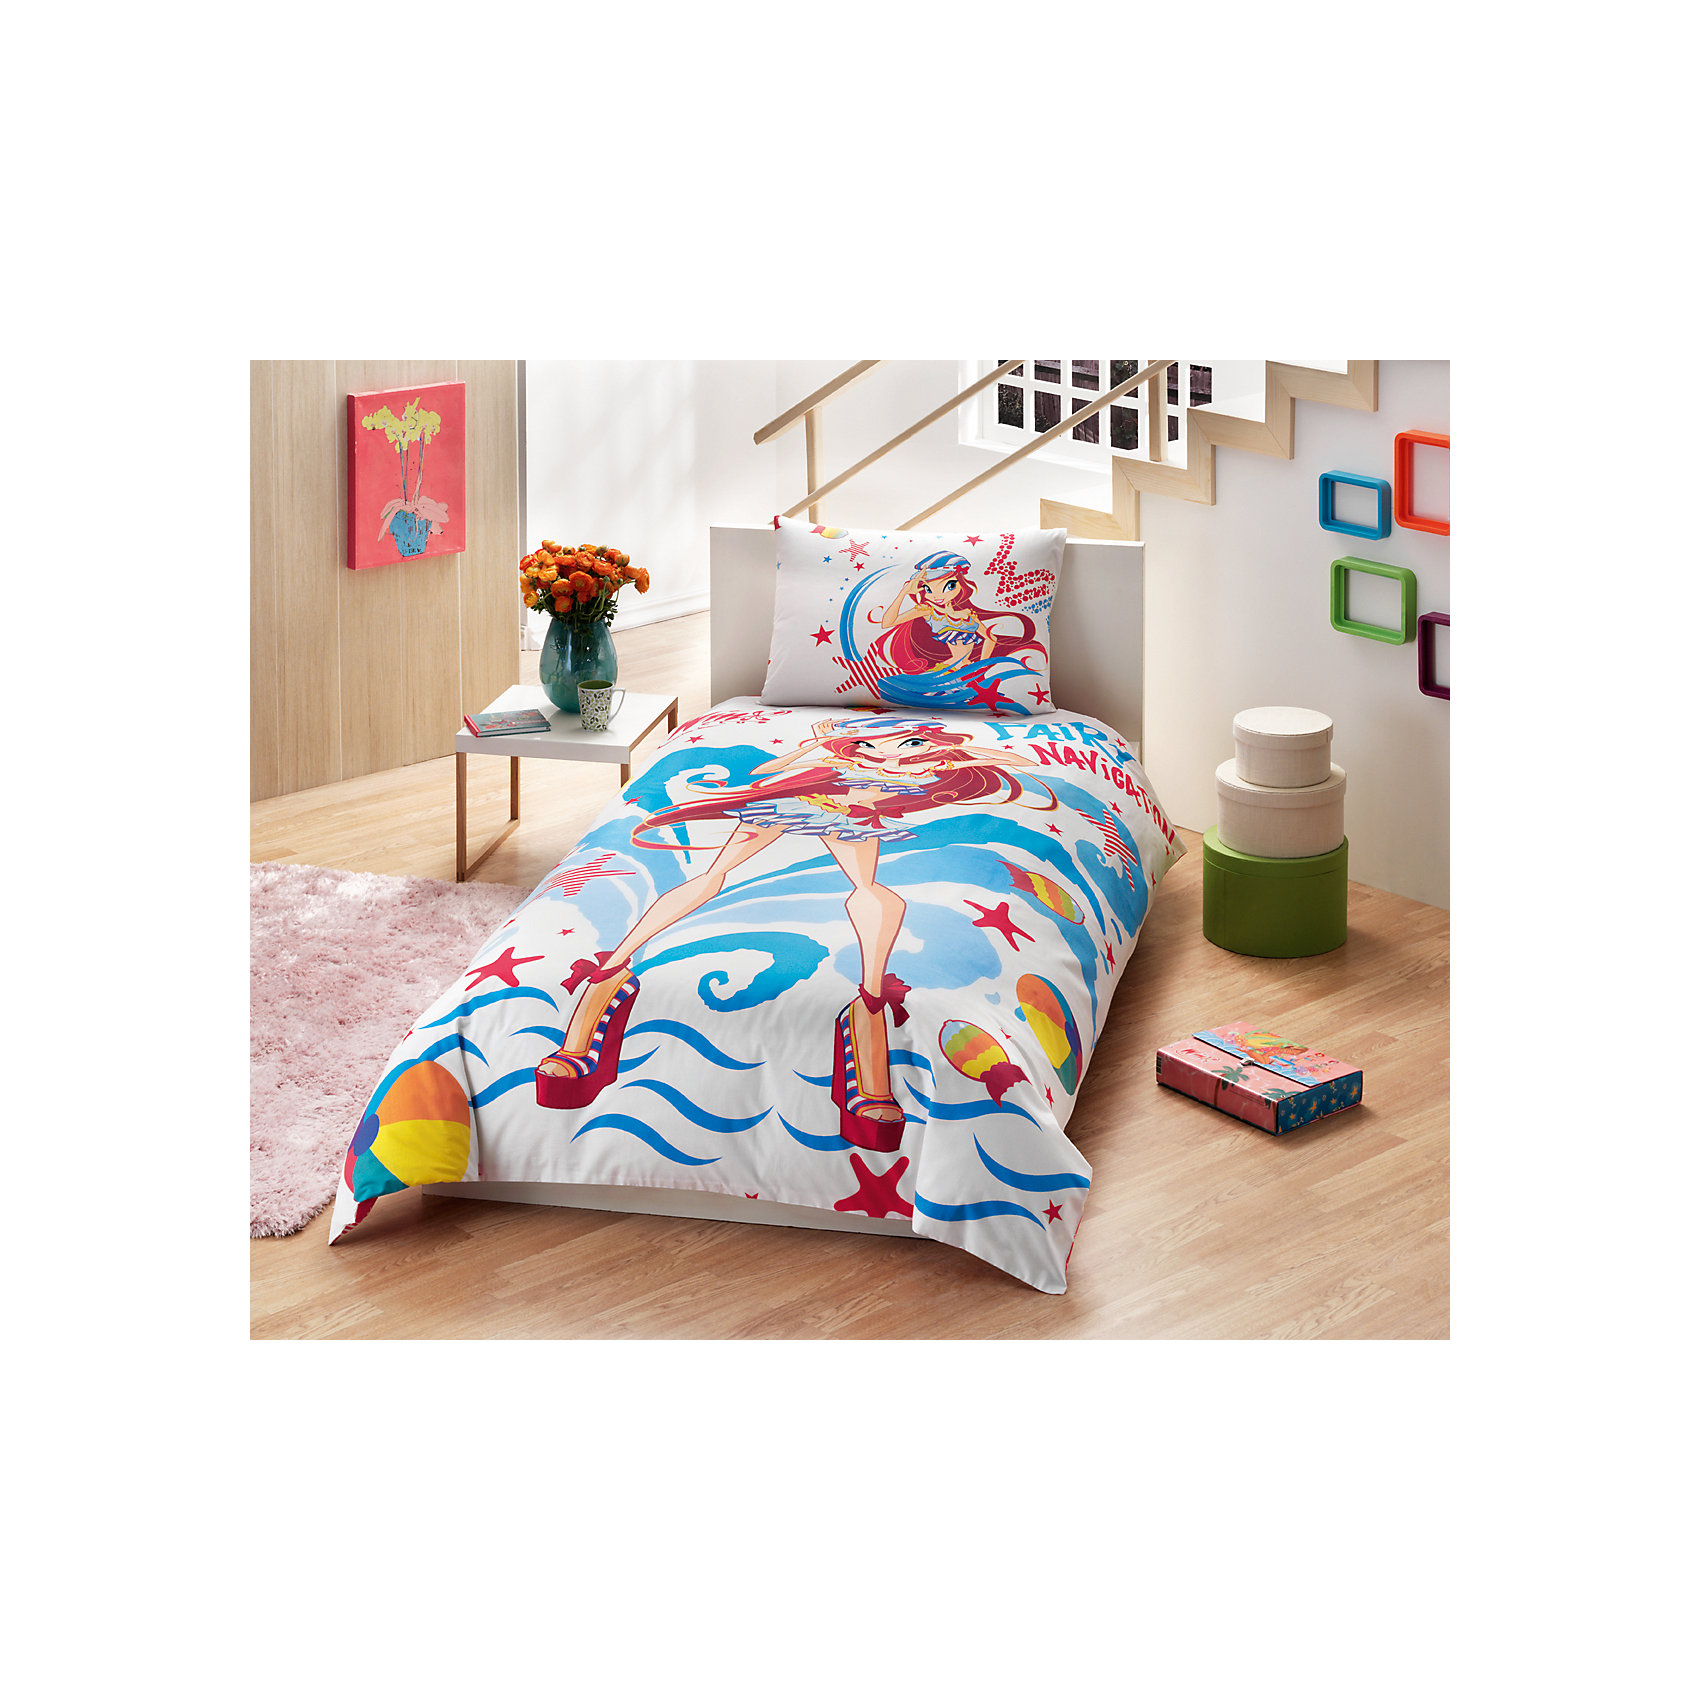 Постельное белье 3 пред. Winx Bloom Ocean, Ranforce/Disney, TACДетское постельное бельё<br>Характеристики товара: <br><br>• комплектация: пододеяльник (160х220см), наволочка (50х70см), простынь (180х200см);<br>• общий размер: 1.5-спальный;<br>• материал: ранфорс (100% хлопок);<br>• цвет: белый, голубой, красный;<br>• страна бренда: Турция;<br>• страна производитель: Турция.<br><br>Это постельное бельё от турецкого бренда TAC (ТАЧ) отлично подойдёт маленькой девочке, мечтающей о собственном волшебном мире. Несмотря на плотность ткани, она состоит из мельчайших волокон, что придаёт мягкость и воздушность изделию. Все материалы, которые входят в состав этого комплекта, гипоаллергенны и не вызывают неприятных ощущений. <br><br>Постельное бельё не боится воды, так как пропускает через себя около 20% влаги и выводит наружу, поэтому её очень легко сушить. Кроме того, контроль влаги поддерживает температурный баланс тела. Благодаря специальному составу материал не электризуется и способствует улучшению сна ребёнка.<br><br> Такой комплект очень устойчив к частым стиркам, его рекомендуется стирать обычным детским мылом без отдушек.<br> Сказочный мир с персонажем «Блум» в главной роли будет всегда создавать уют и радовать ребенка.<br><br>Постельное белье Winx Bloom Ocean (Винкс Блум Оушен) можно купить в нашем интернет-магазине.<br><br>Ширина мм: 350<br>Глубина мм: 150<br>Высота мм: 150<br>Вес г: 1300<br>Возраст от месяцев: 36<br>Возраст до месяцев: 144<br>Пол: Женский<br>Возраст: Детский<br>SKU: 6849297